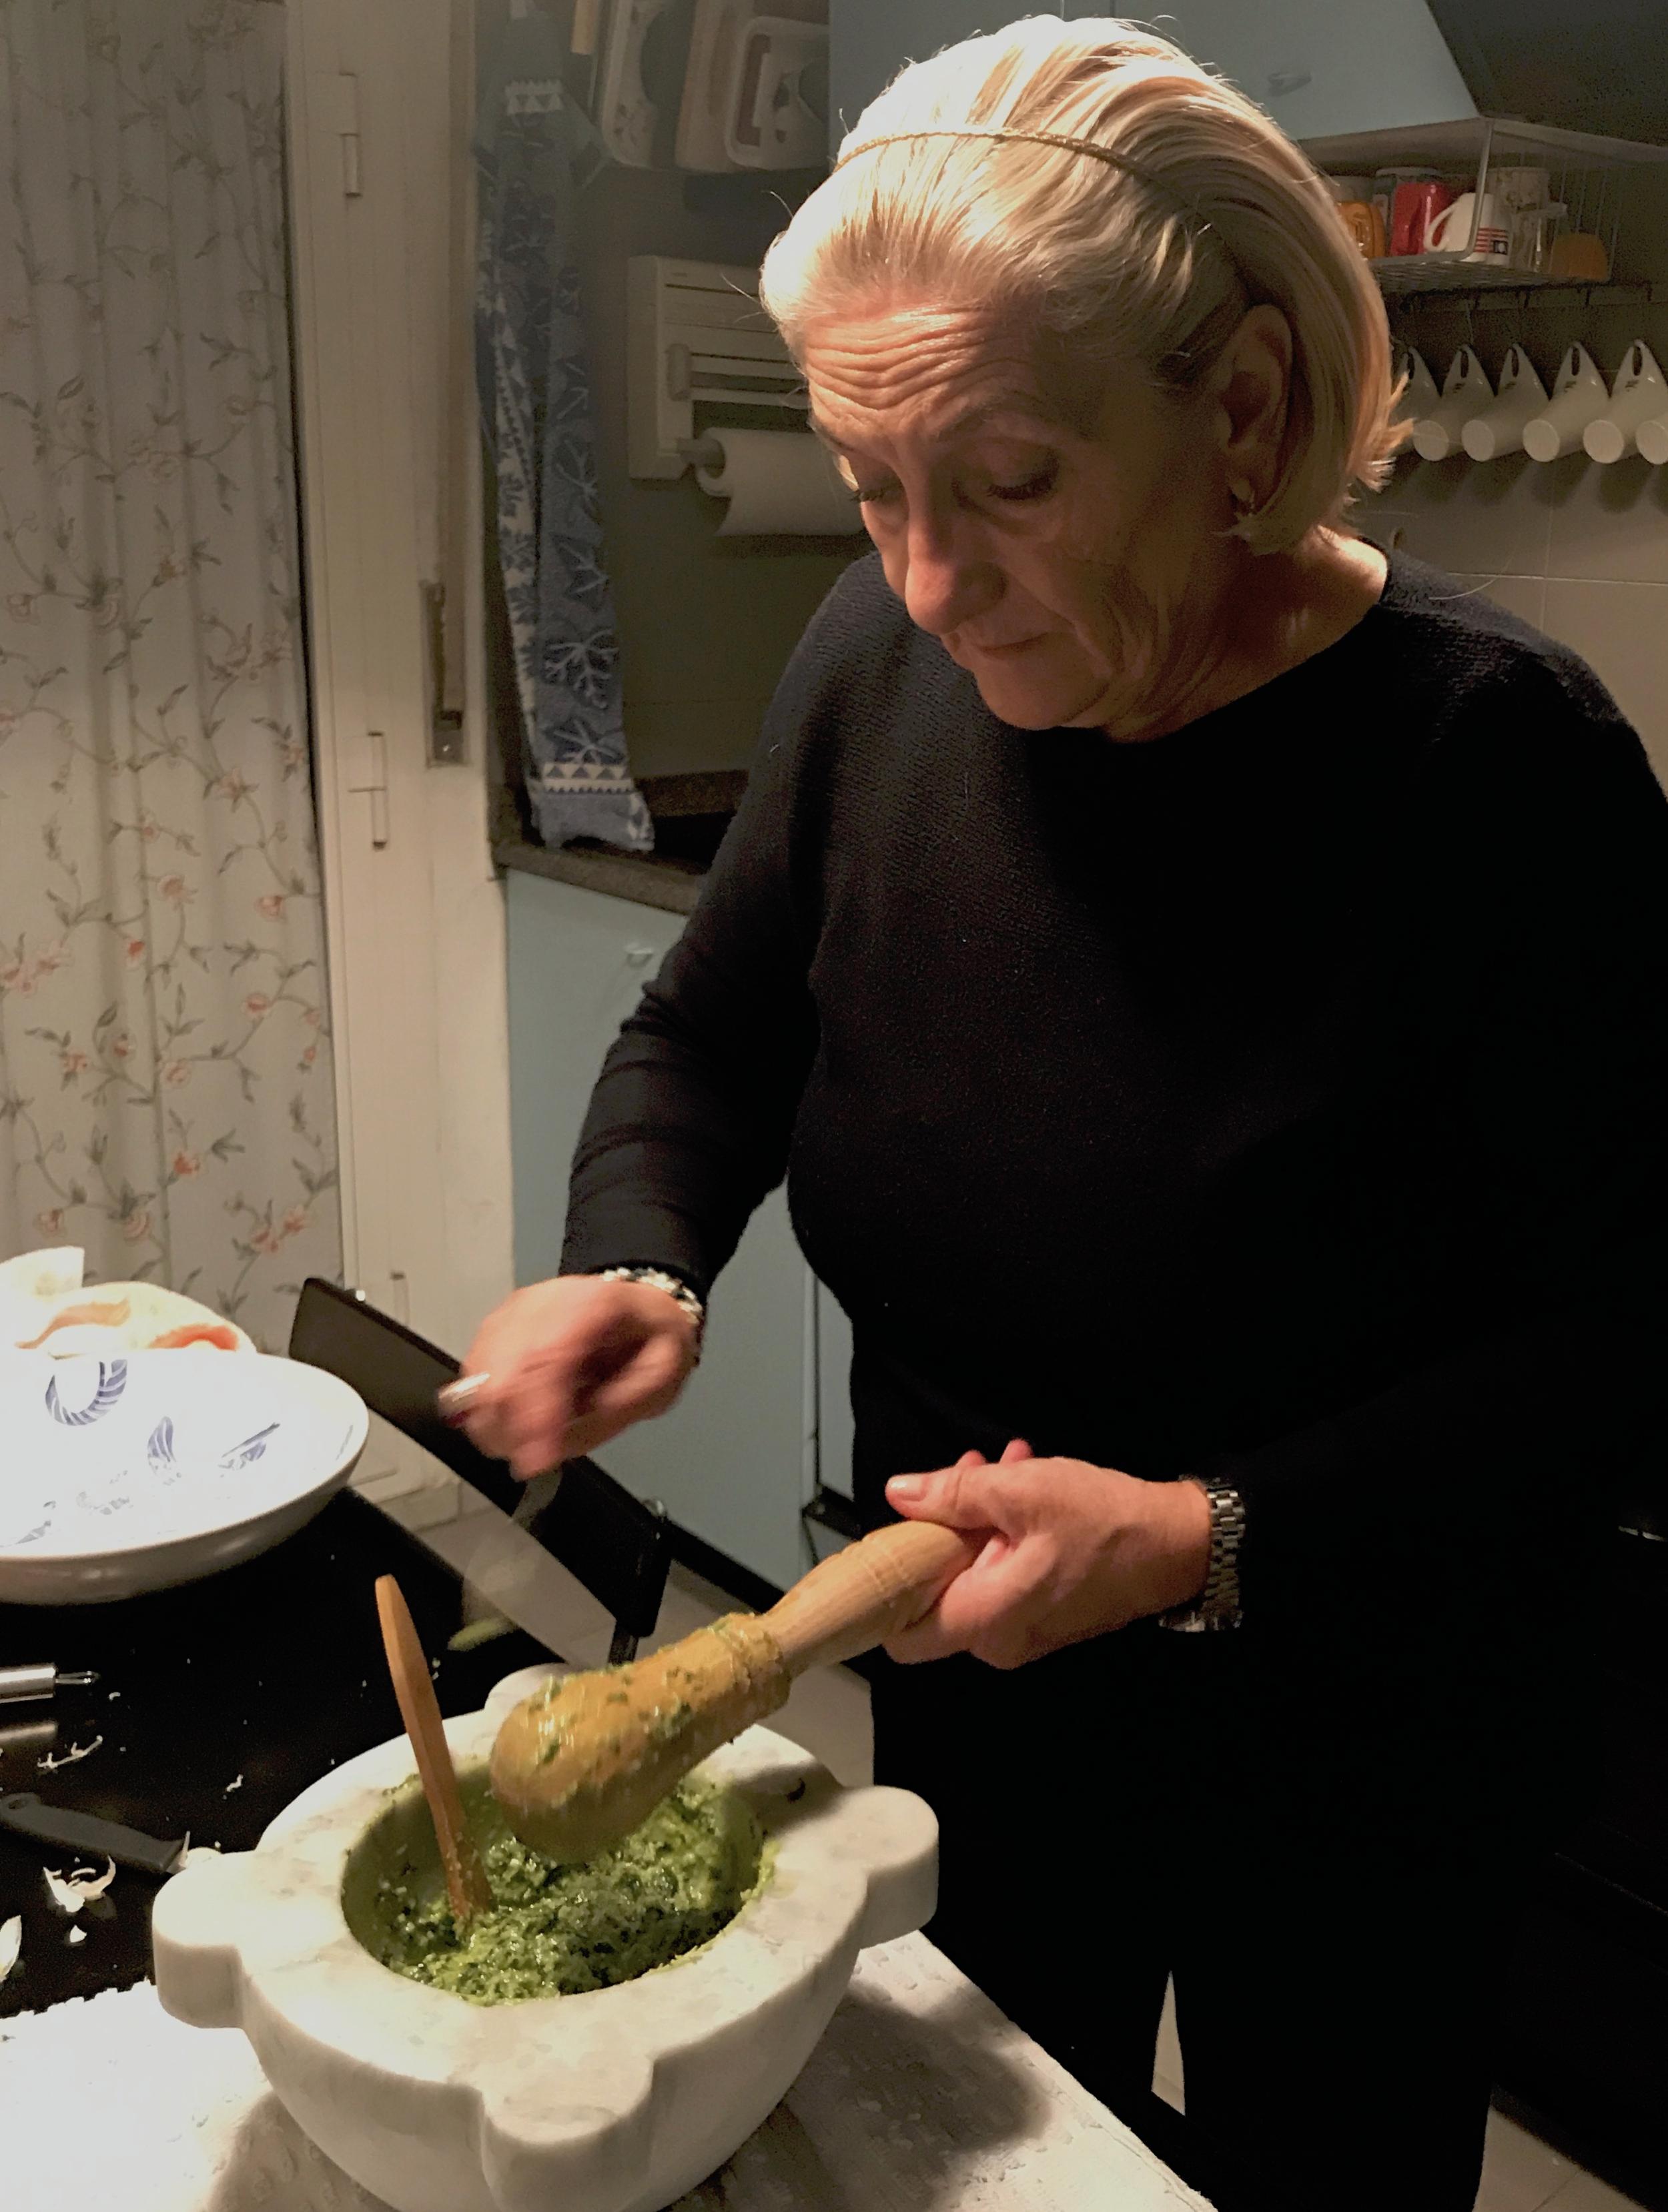 Making pesto in my kitchen in Milan